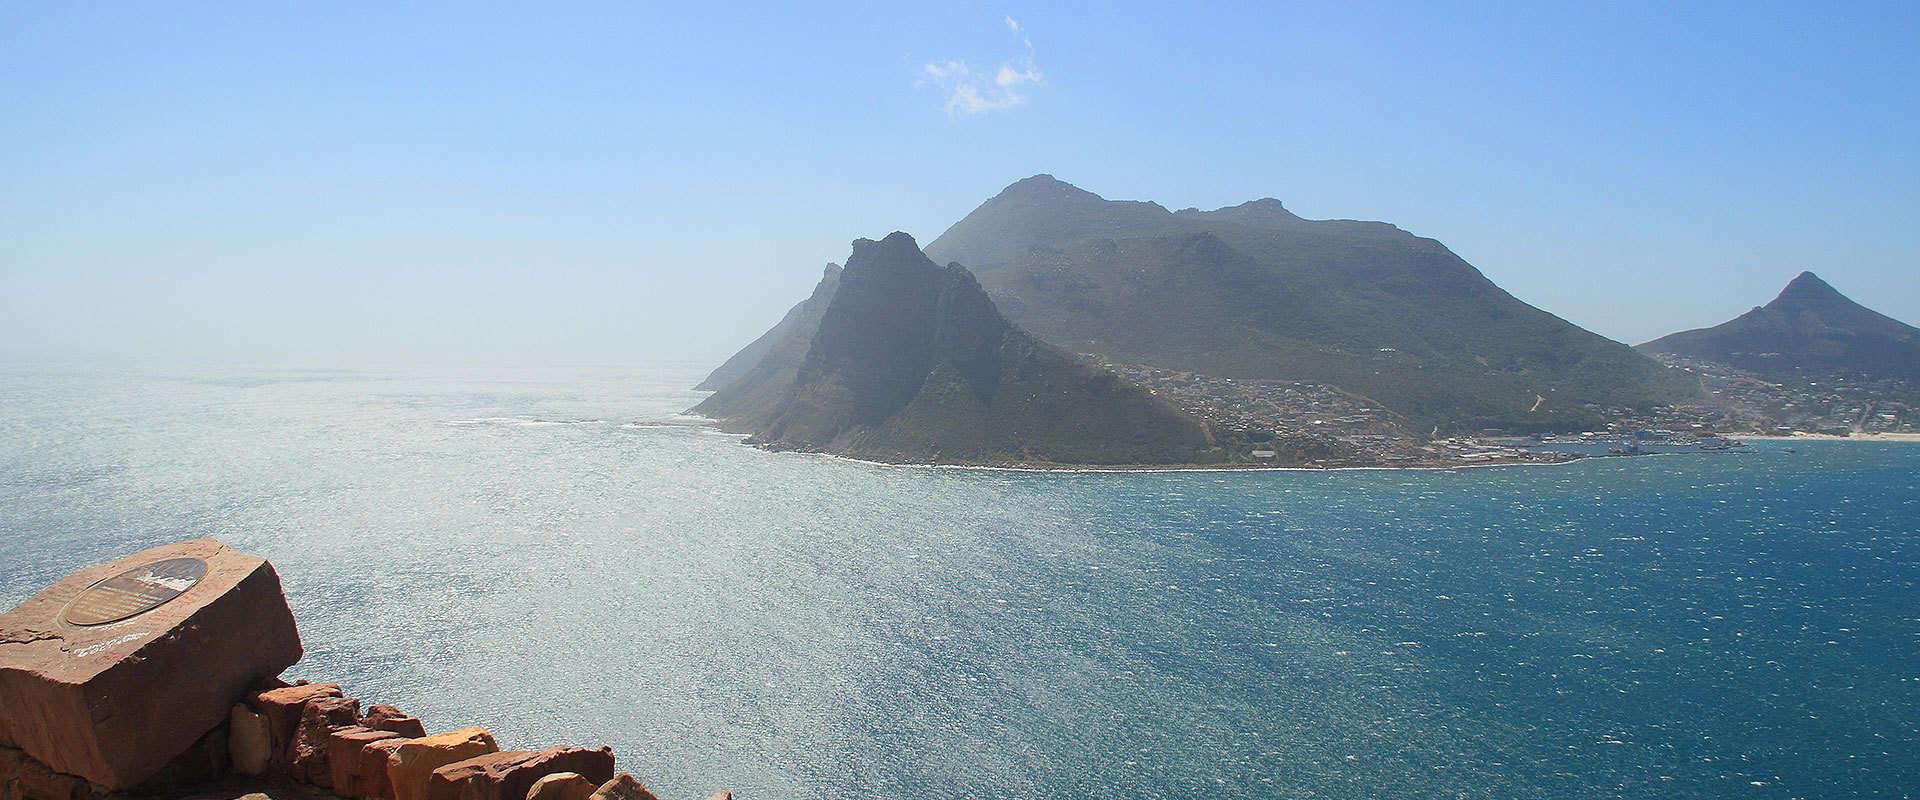 Kapstadt Aussicht auf das Meer